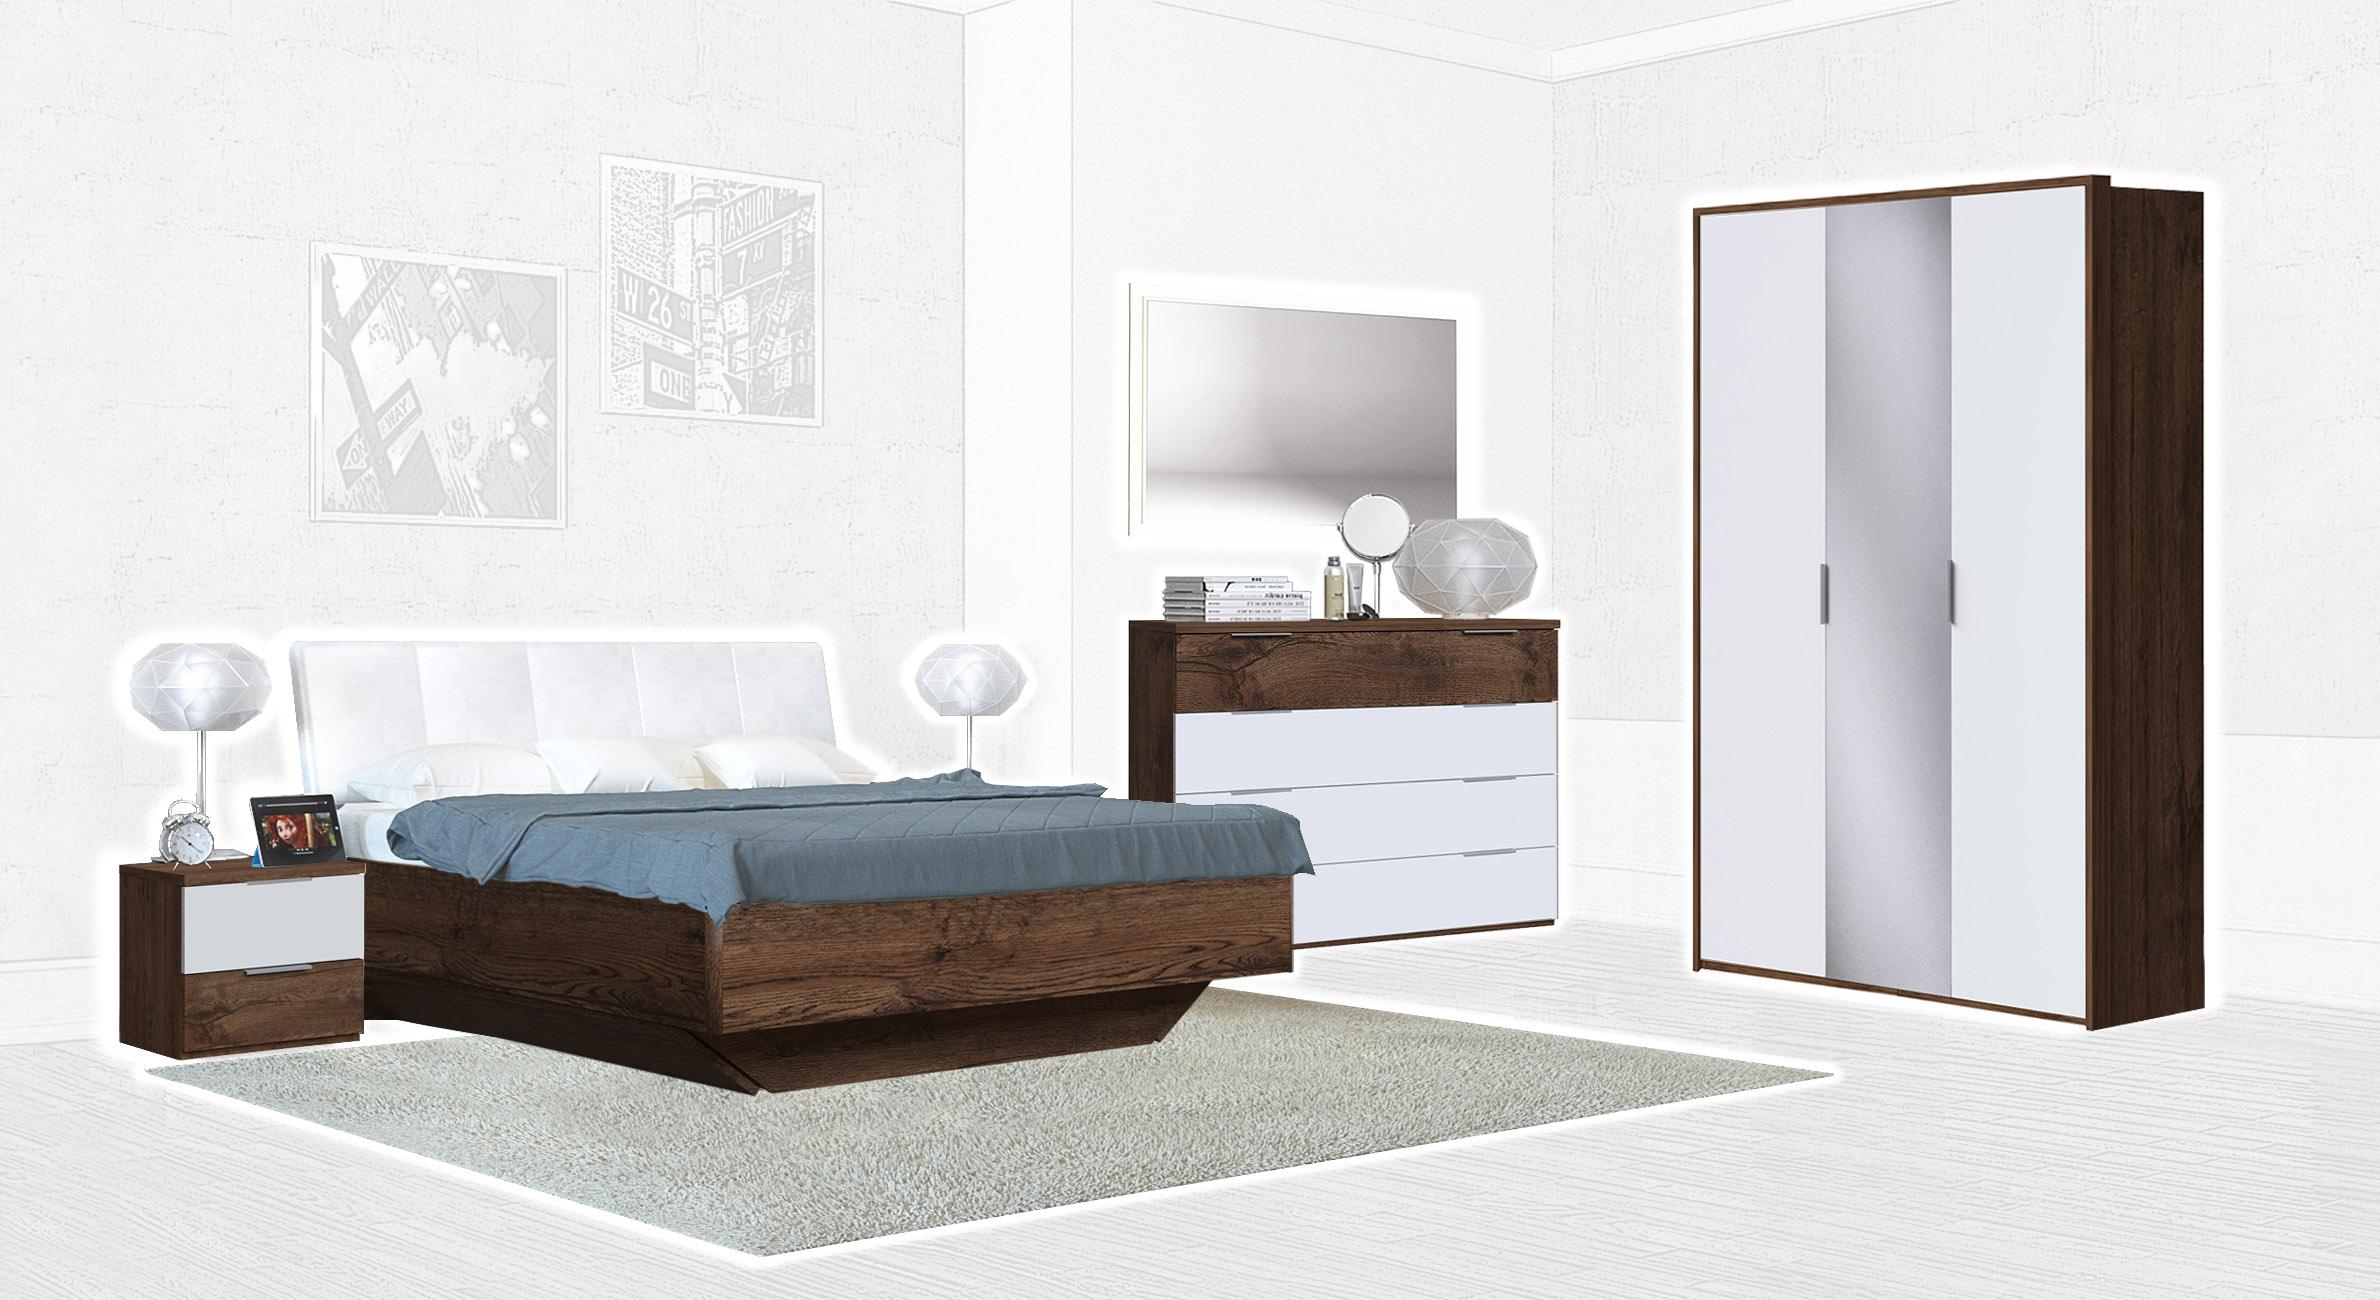 Спальня Интердизайн Тоскано темно-коричневый/белый (композиция 3)